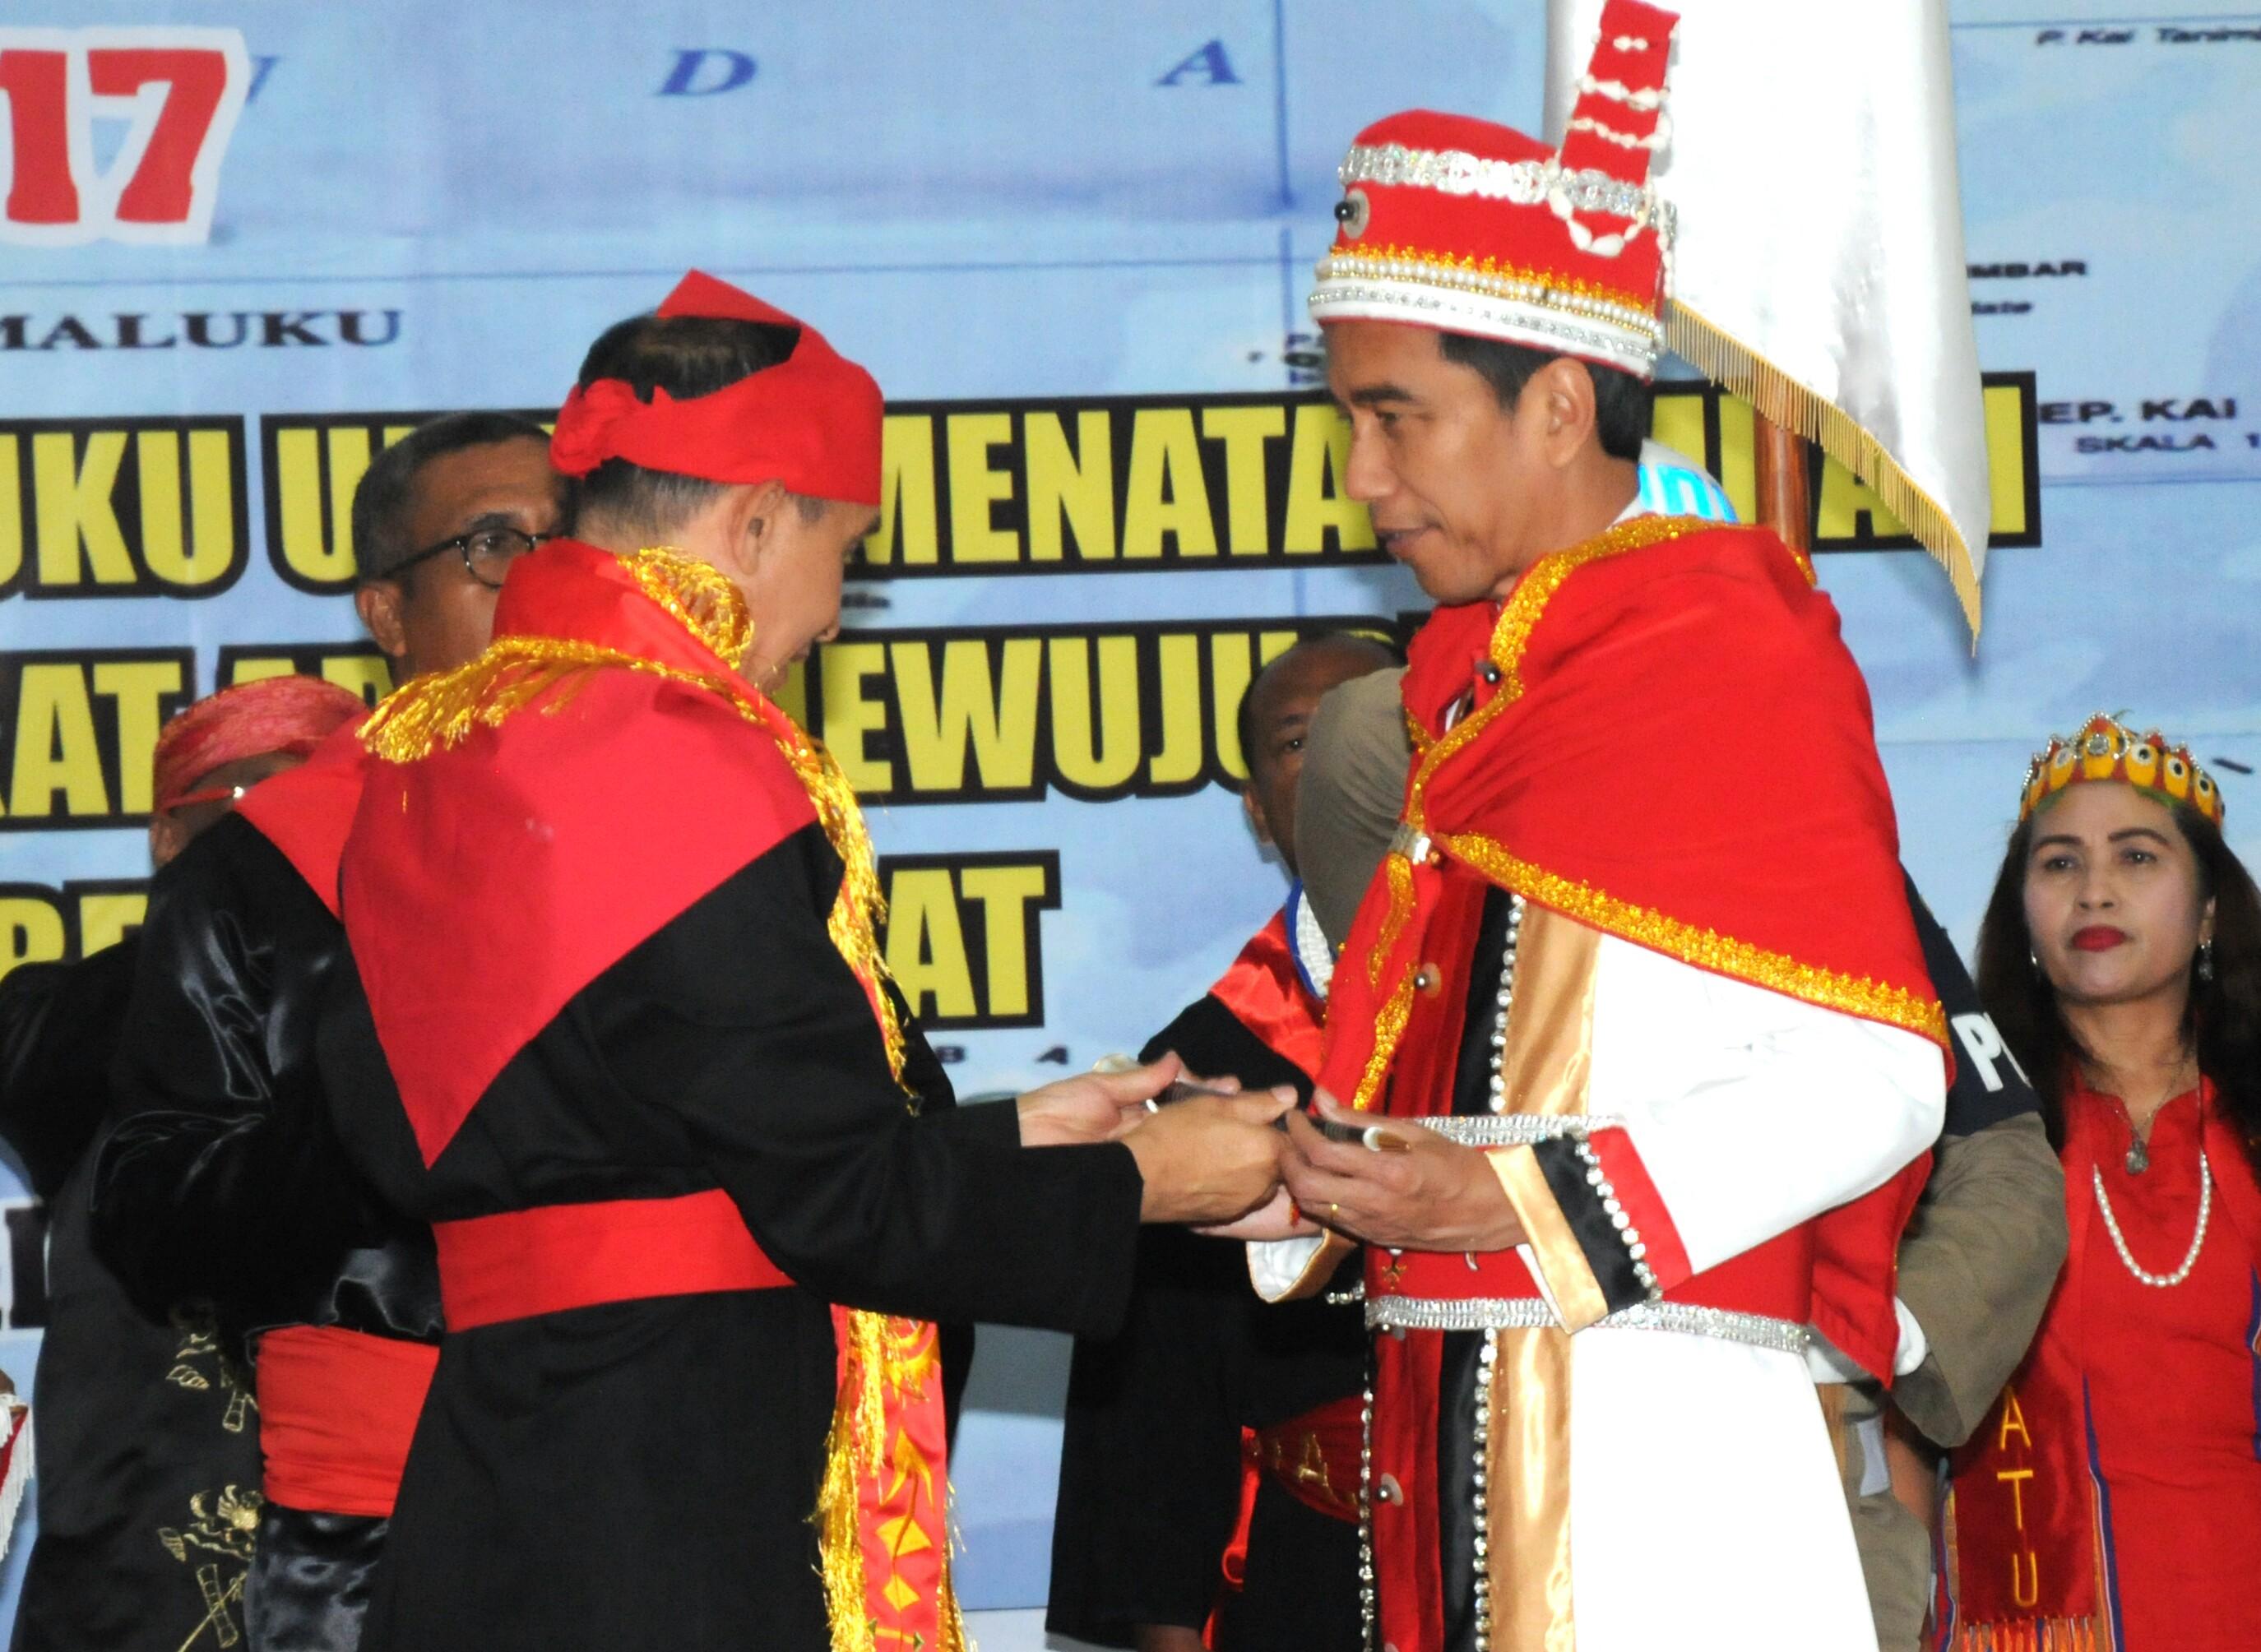 """Presiden Jokowi saat menerima Penganugerahan Gelar Adat Kehormatan """"Upu Kalatia Kenalean Da Ntul Po Deyo Routnya Hnulho Maluku"""" oleh Ketua Majelis Latupati Provinsi Maluku, Jumat (24/2). (Foto: Humas/Rahmat)"""